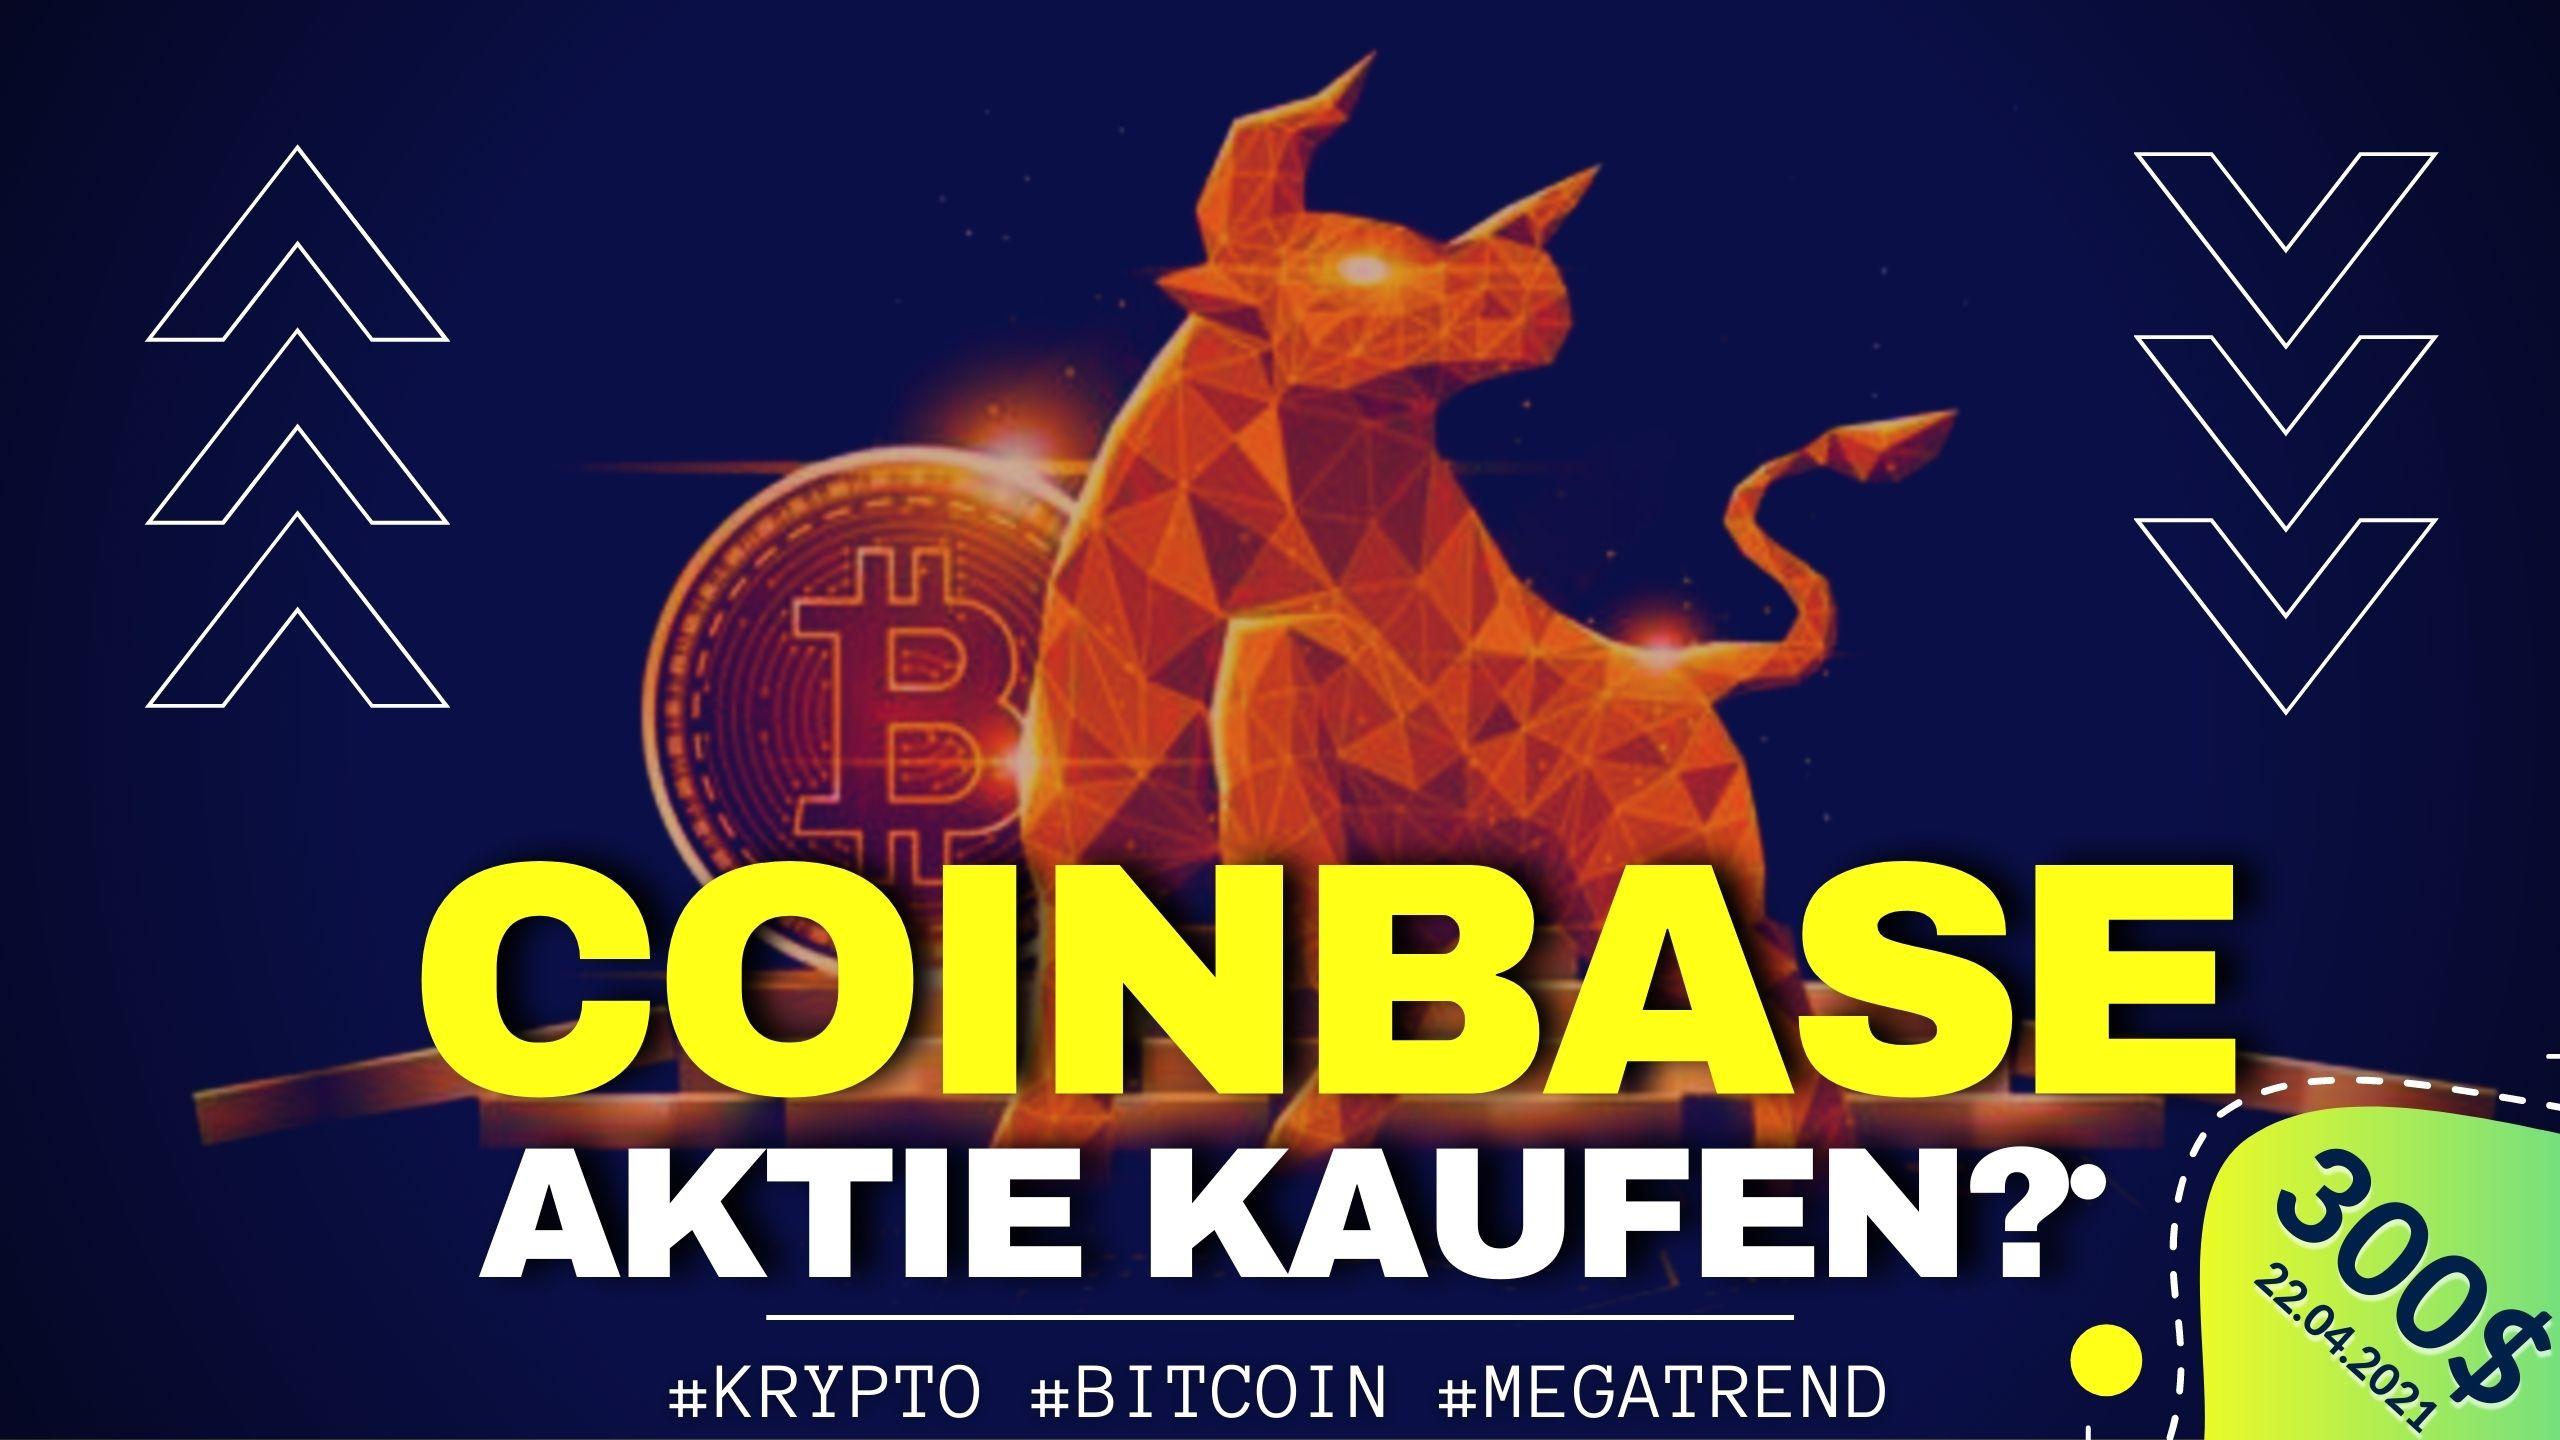 Coinbase Aktie kaufen 2021?